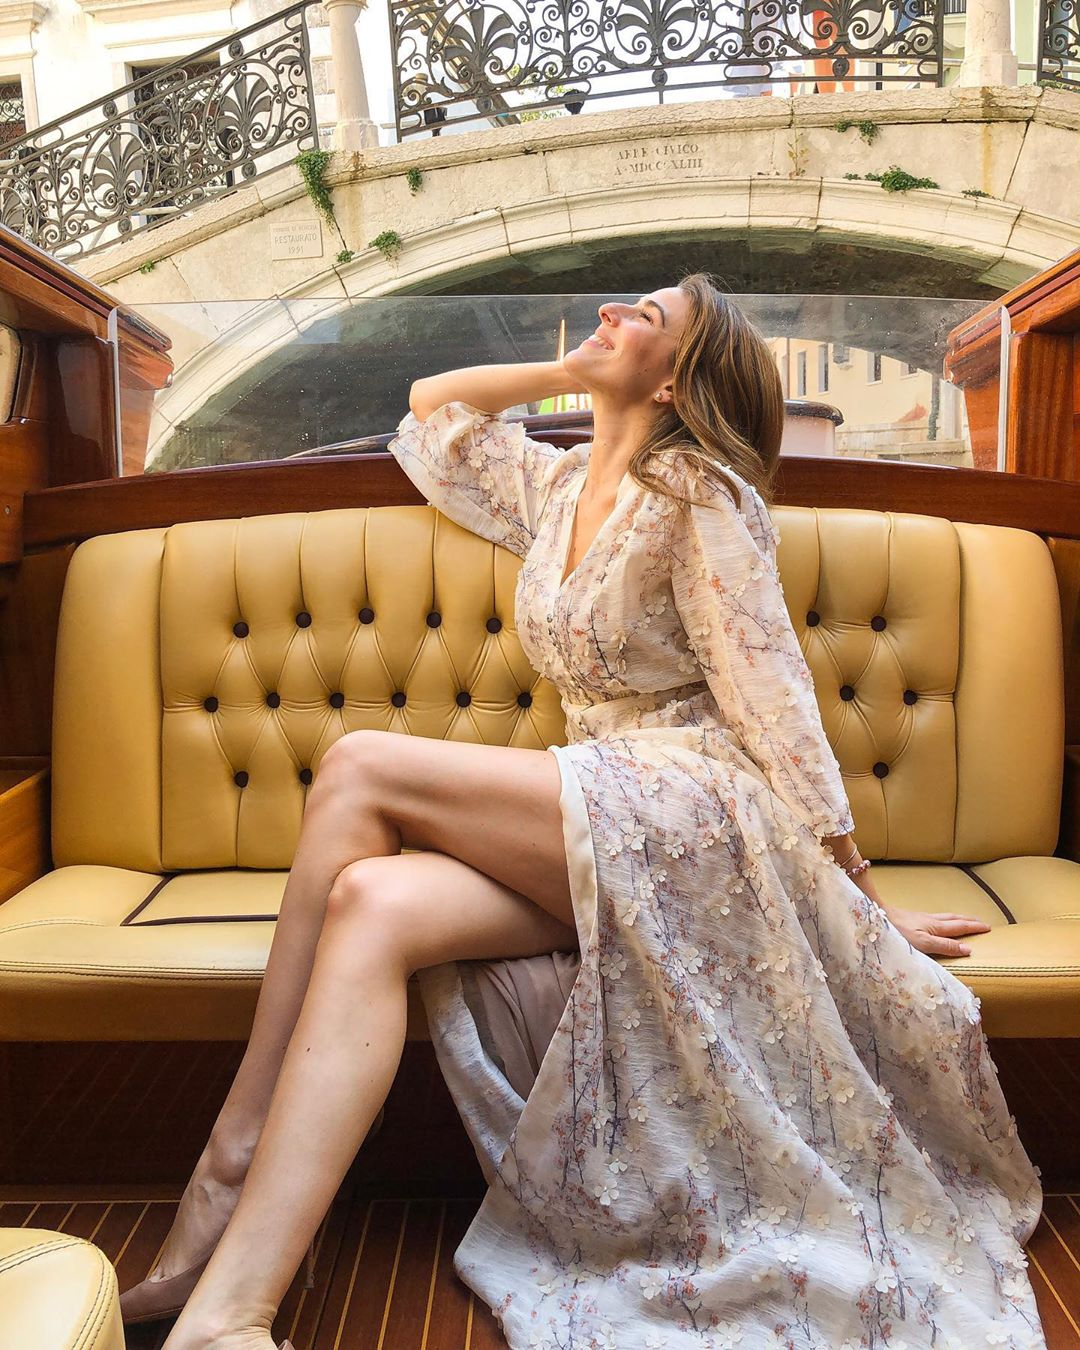 Diana Del Bufalo, che entra ad Amici come cantante ma diventa famosa come attrice e conduttrice TV comica